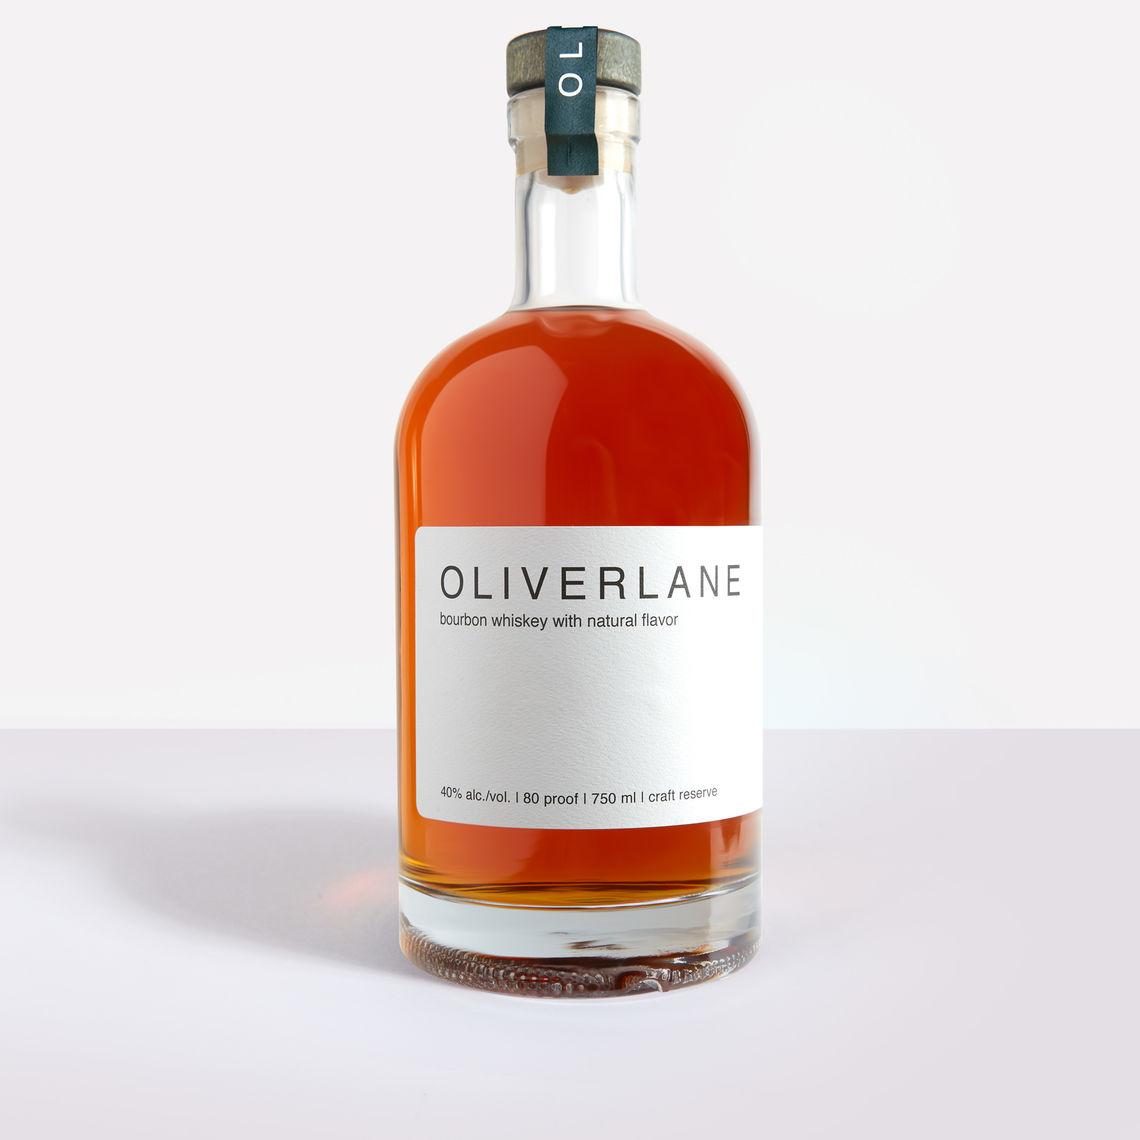 oliverlane bottle 2